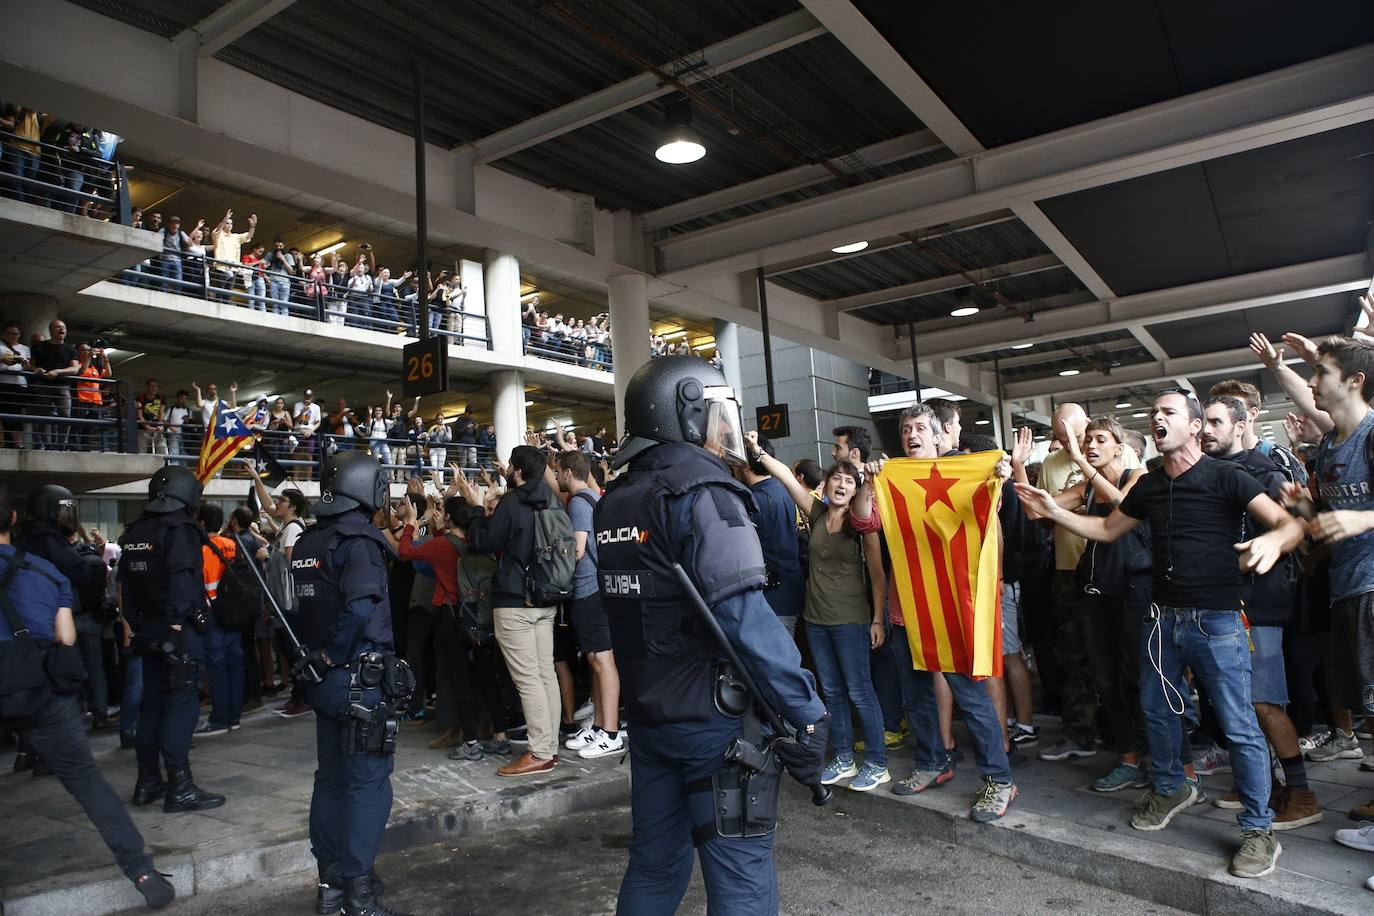 Miles de manifestantes toman el aeropuerto de El Prat